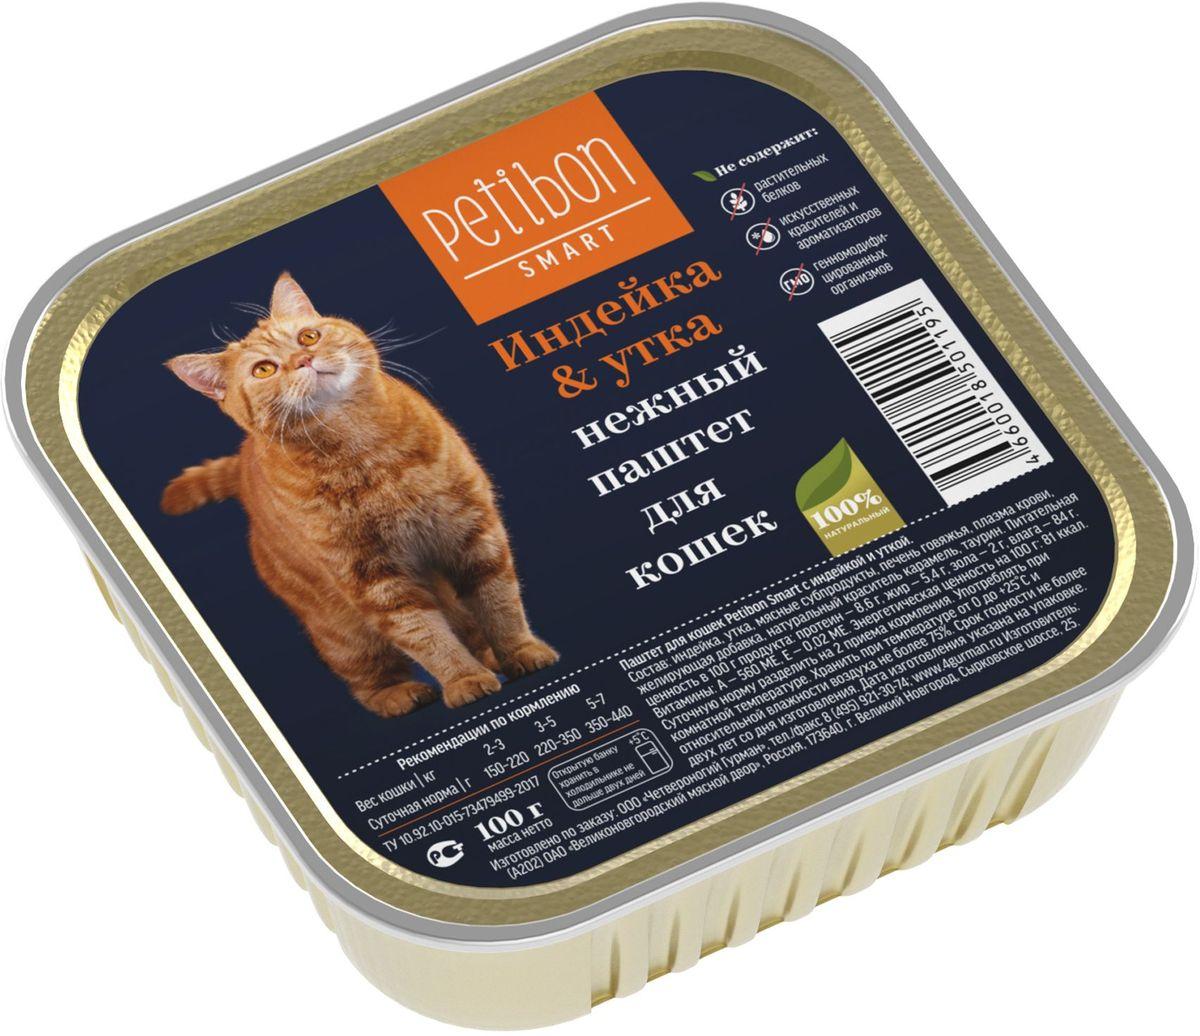 Корм консервированный для собак Petibon Smart Рубленое мясо, с говядиной и ягненком, 410 г317146001Говядина, мясные субпродукты, ягнёнок, плазма крови, желирующая добавка, клетчатка. Протеин — 8,5 г, жир — 8 г, клетчатка — 0,5 г, зола — 2 г, влага — 82 г.А — 330 МЕ, Е — 0,12 МЕ.